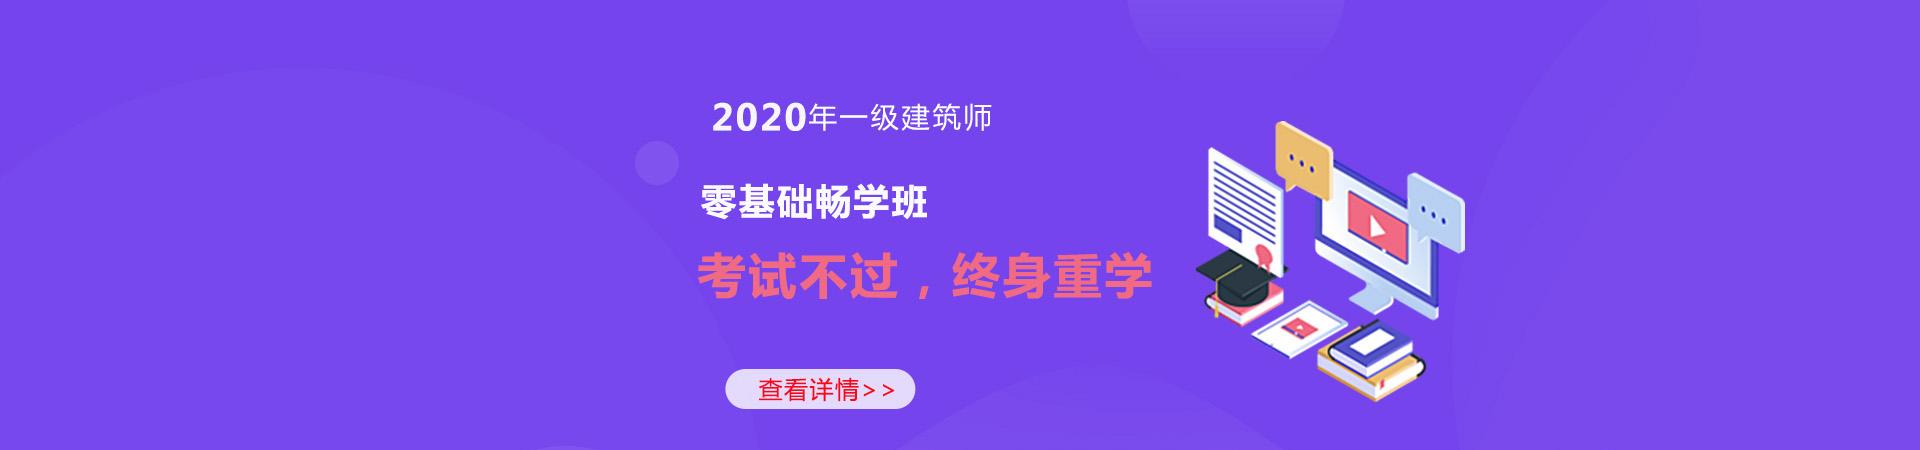 长沙一级建筑师365国际平台官网下载